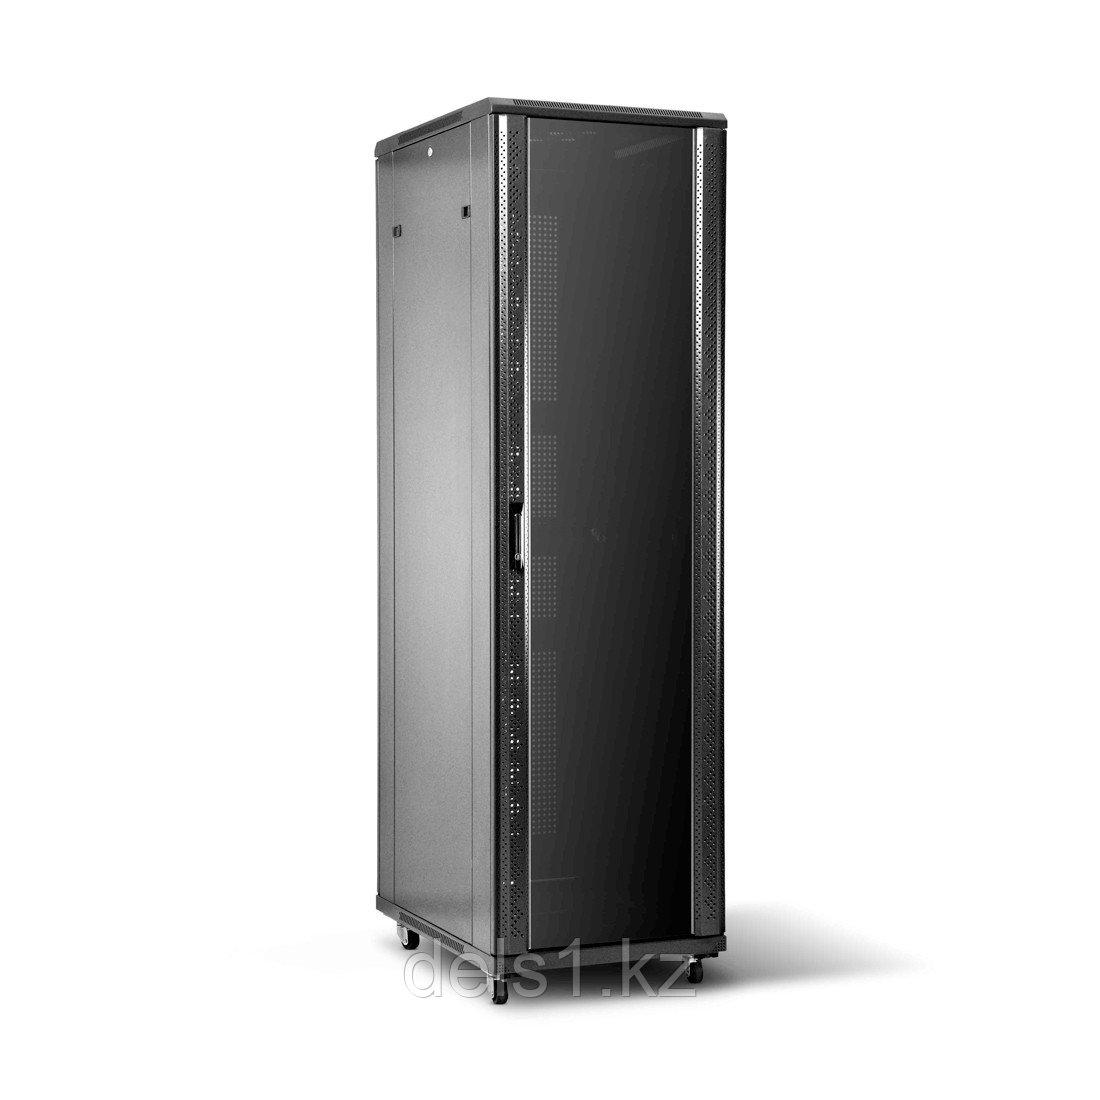 Шкаф серверный напольный SHIP 601S.8242.24.100 42U 800*1200*2000 мм